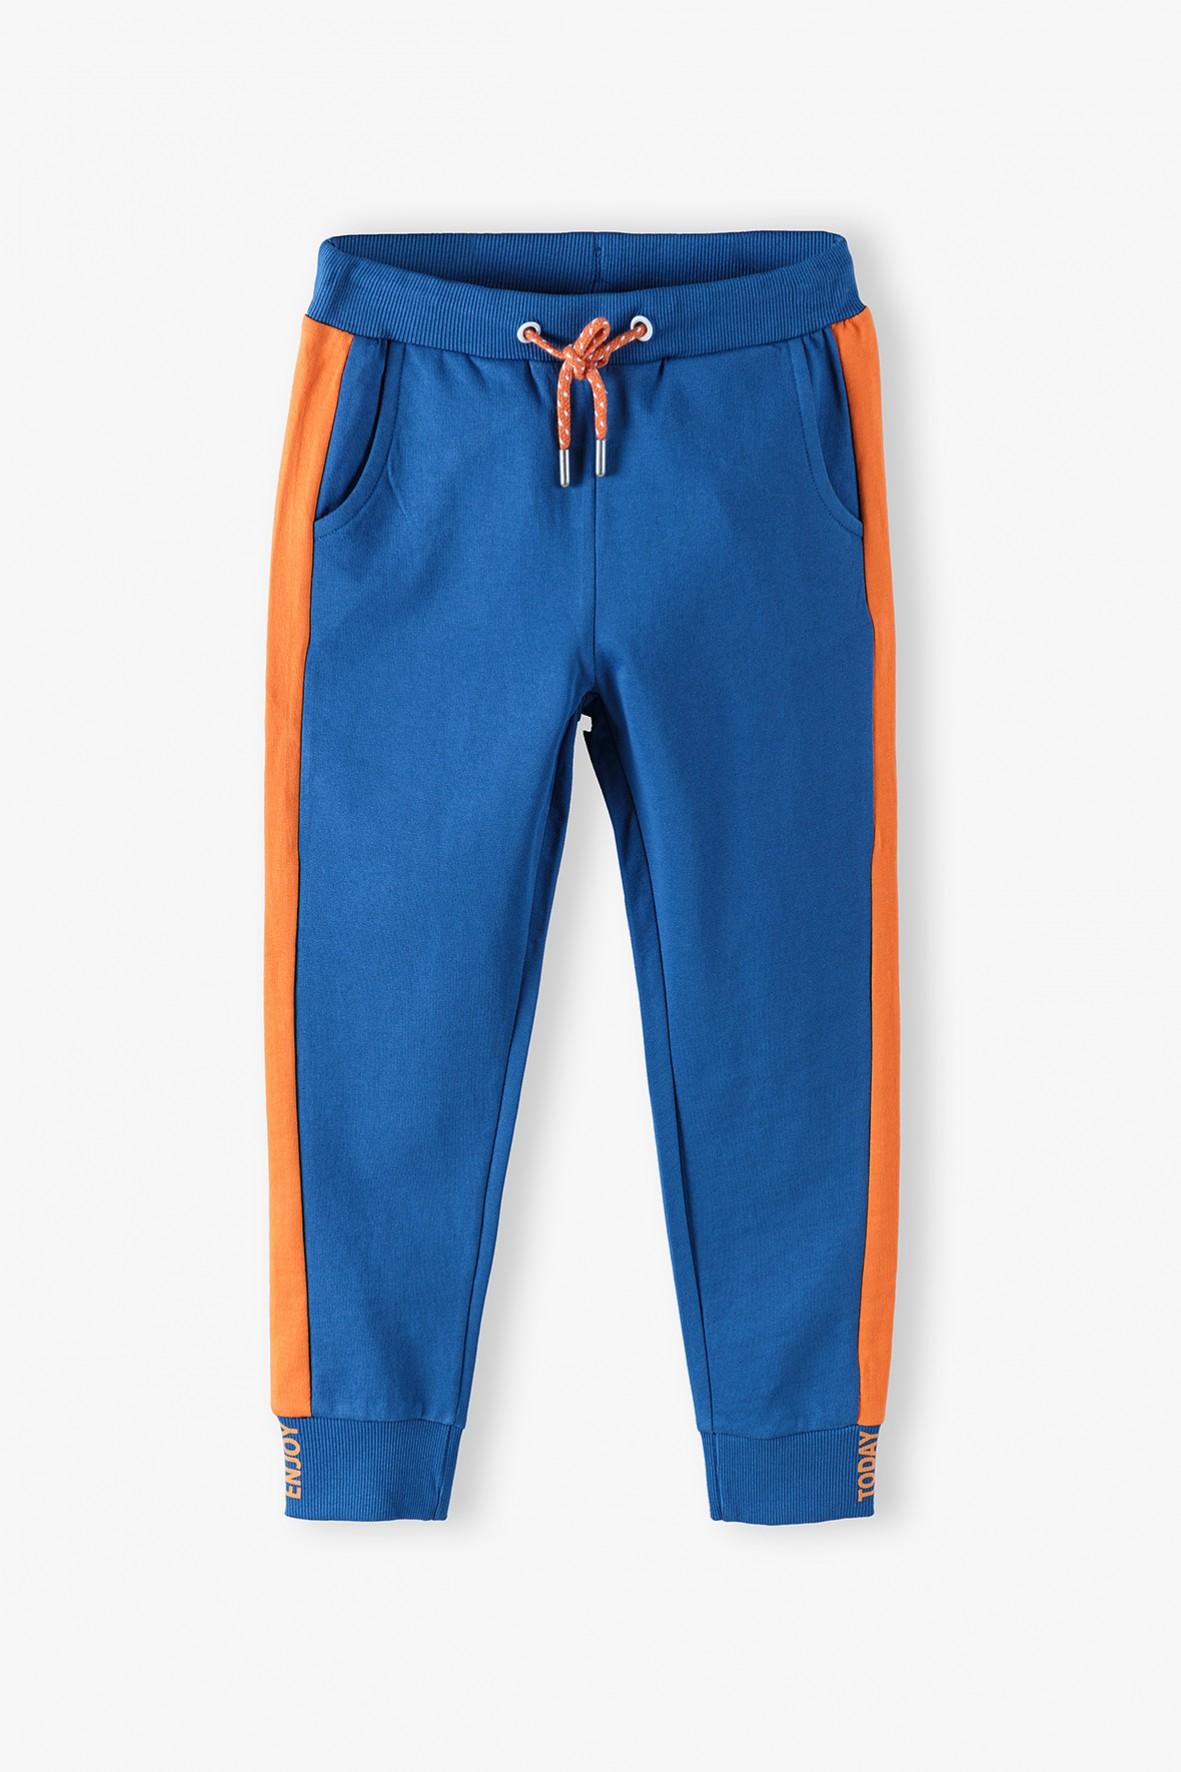 Bawełniane spodnie dresowe chłopięce niebieskie z pomarańczowymi wstawkami